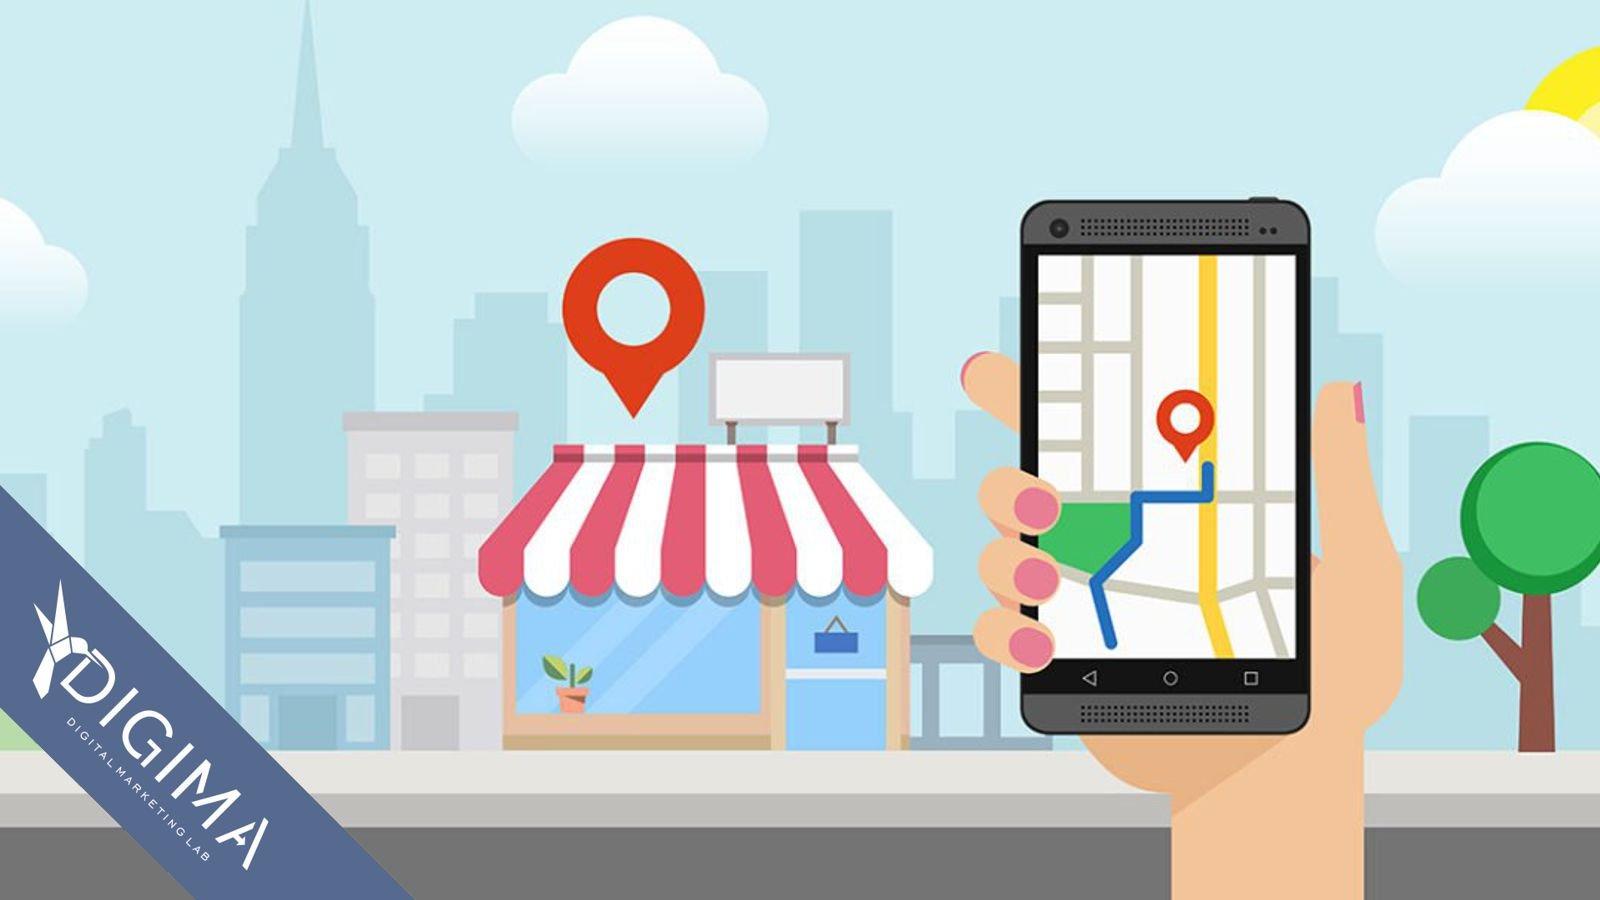 In che modo il content marketing può aiutare le aziende locali?